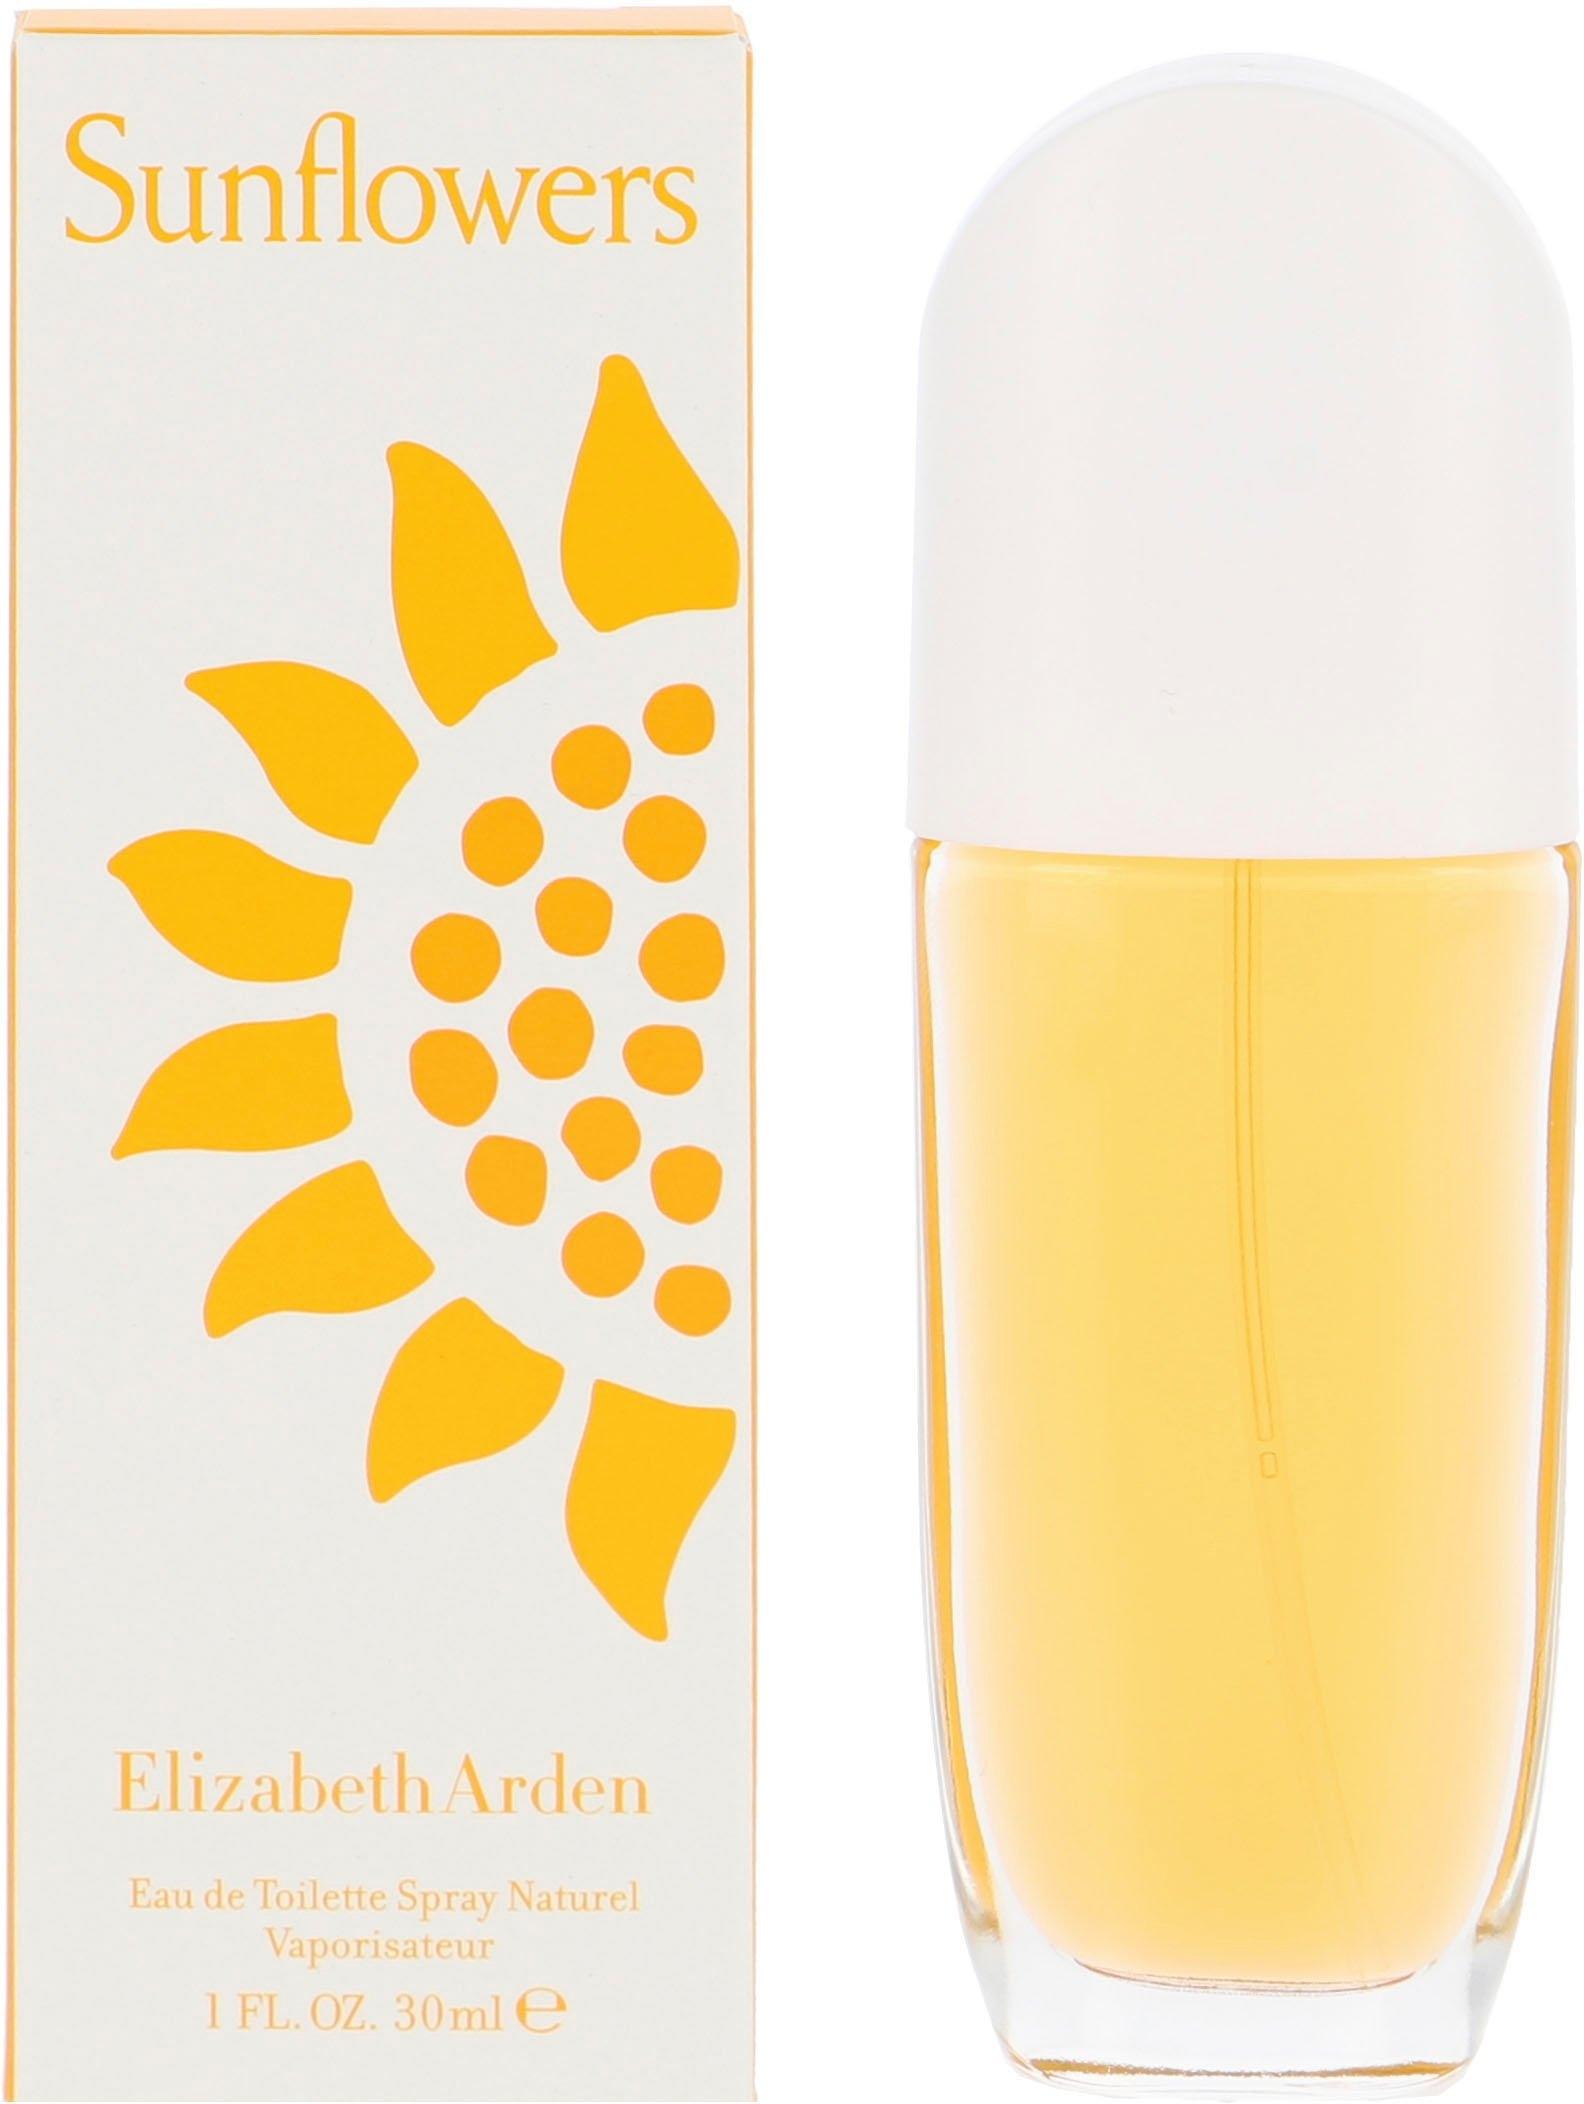 Elizabeth Arden Eau de toilette Sunflowers nu online bestellen